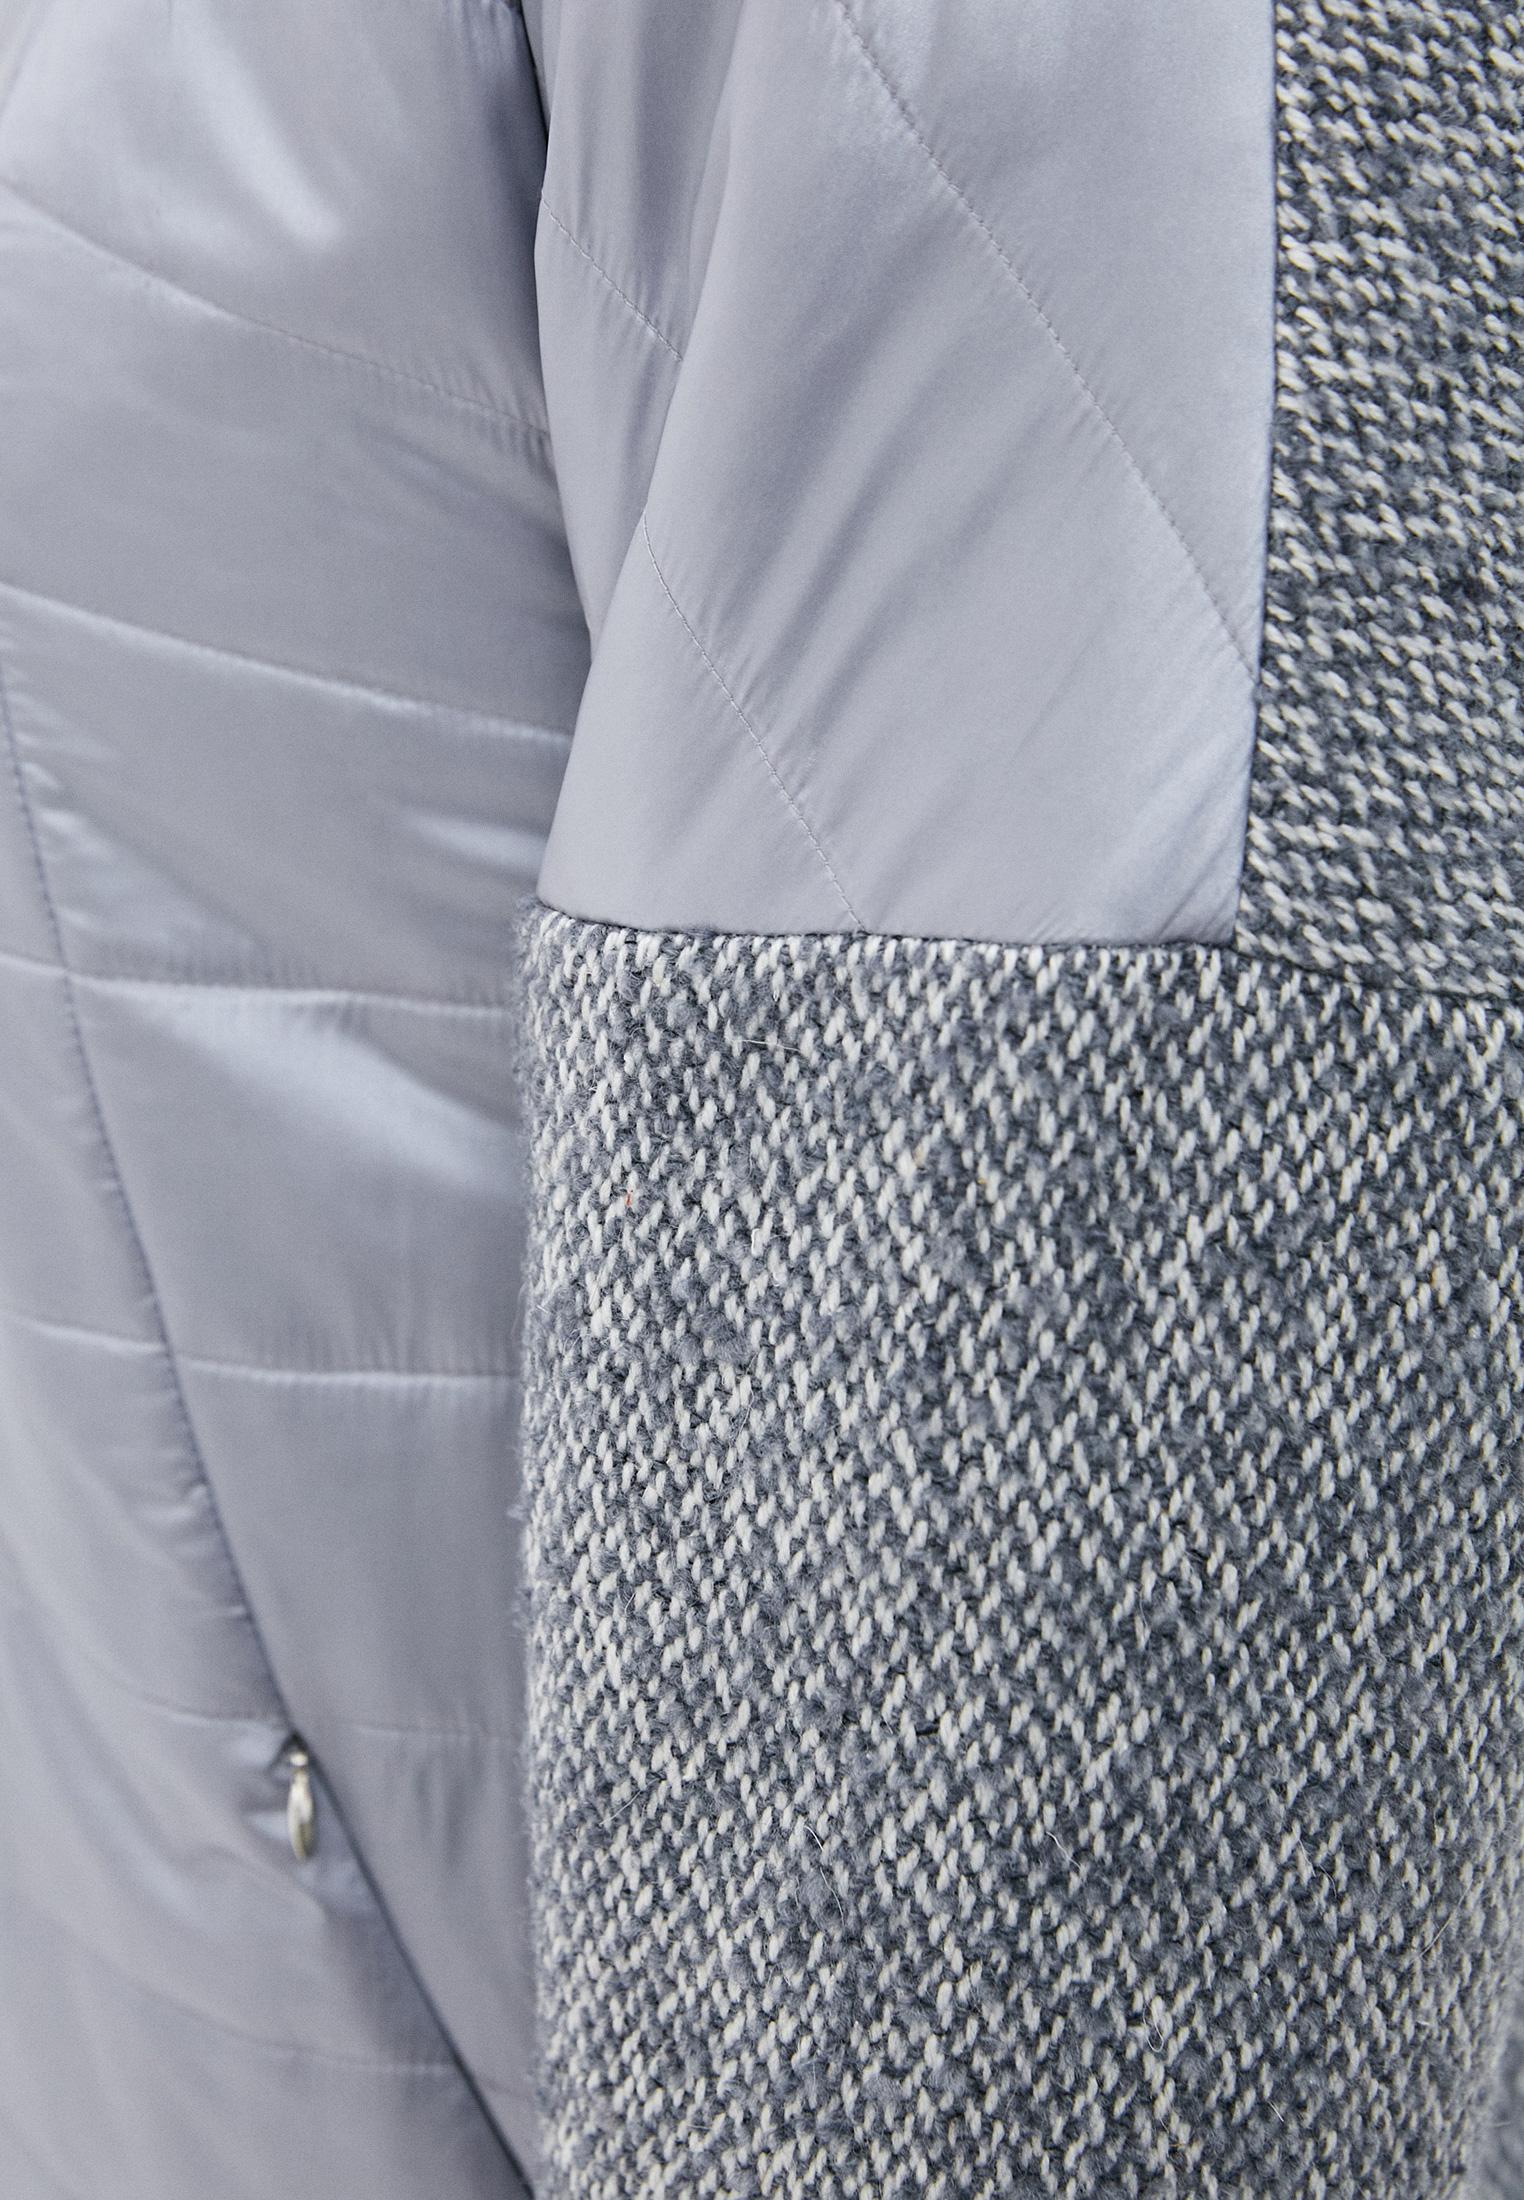 Утепленная куртка Nataliy Beate Пальто мод.132: изображение 6